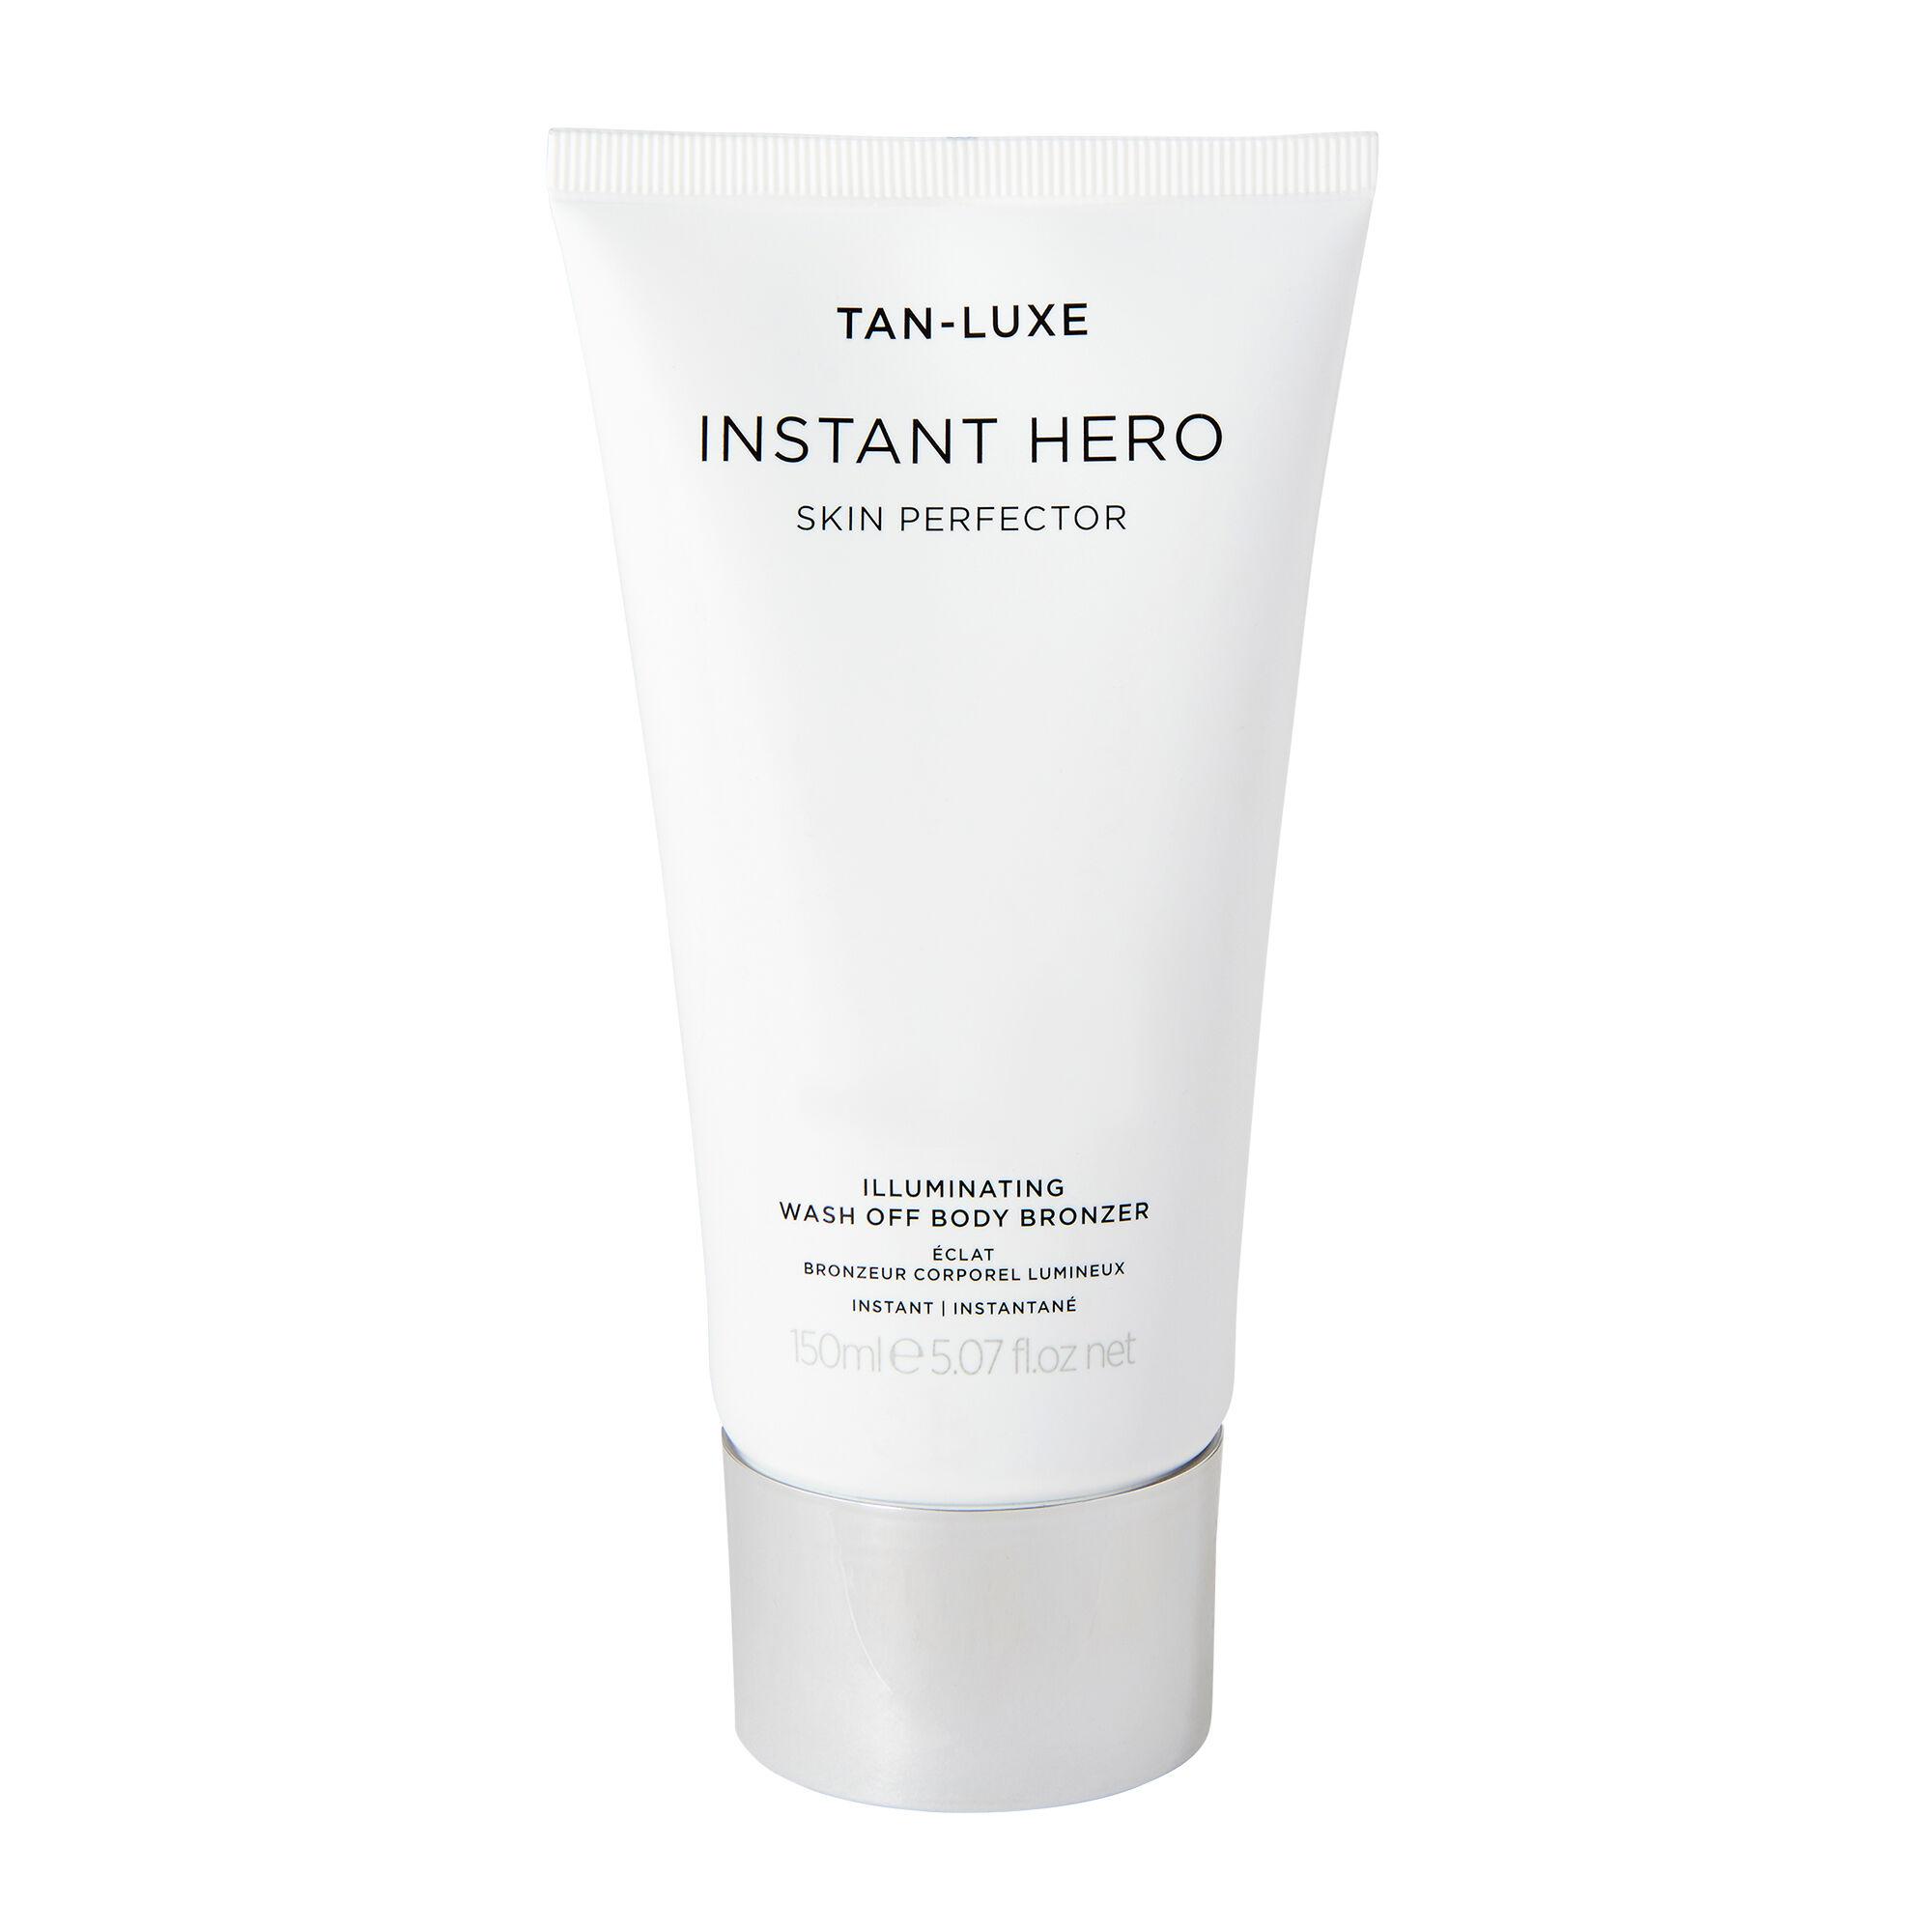 TAN-LUXE INSTANT HERO 150ml